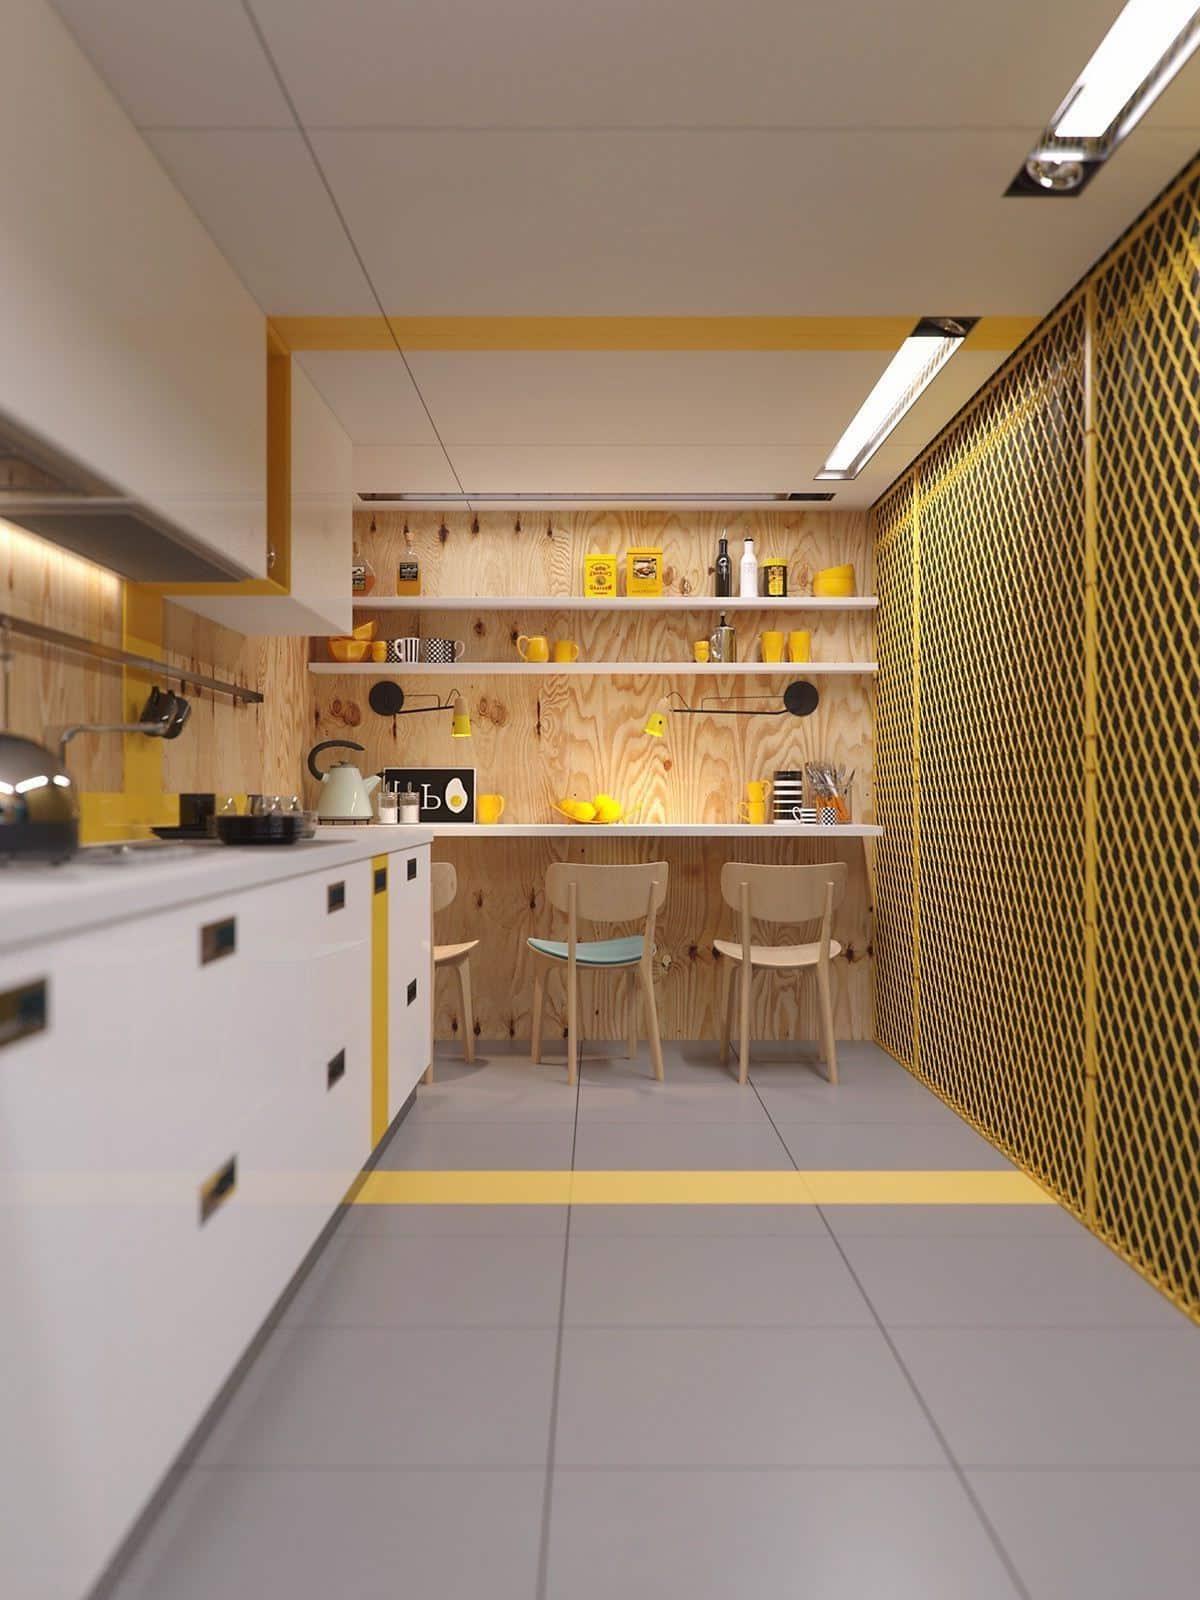 Дизайн интерьера узкой кухни требует особого подхода, так как наличие свободного пространство в таком помещении сильно ограничен